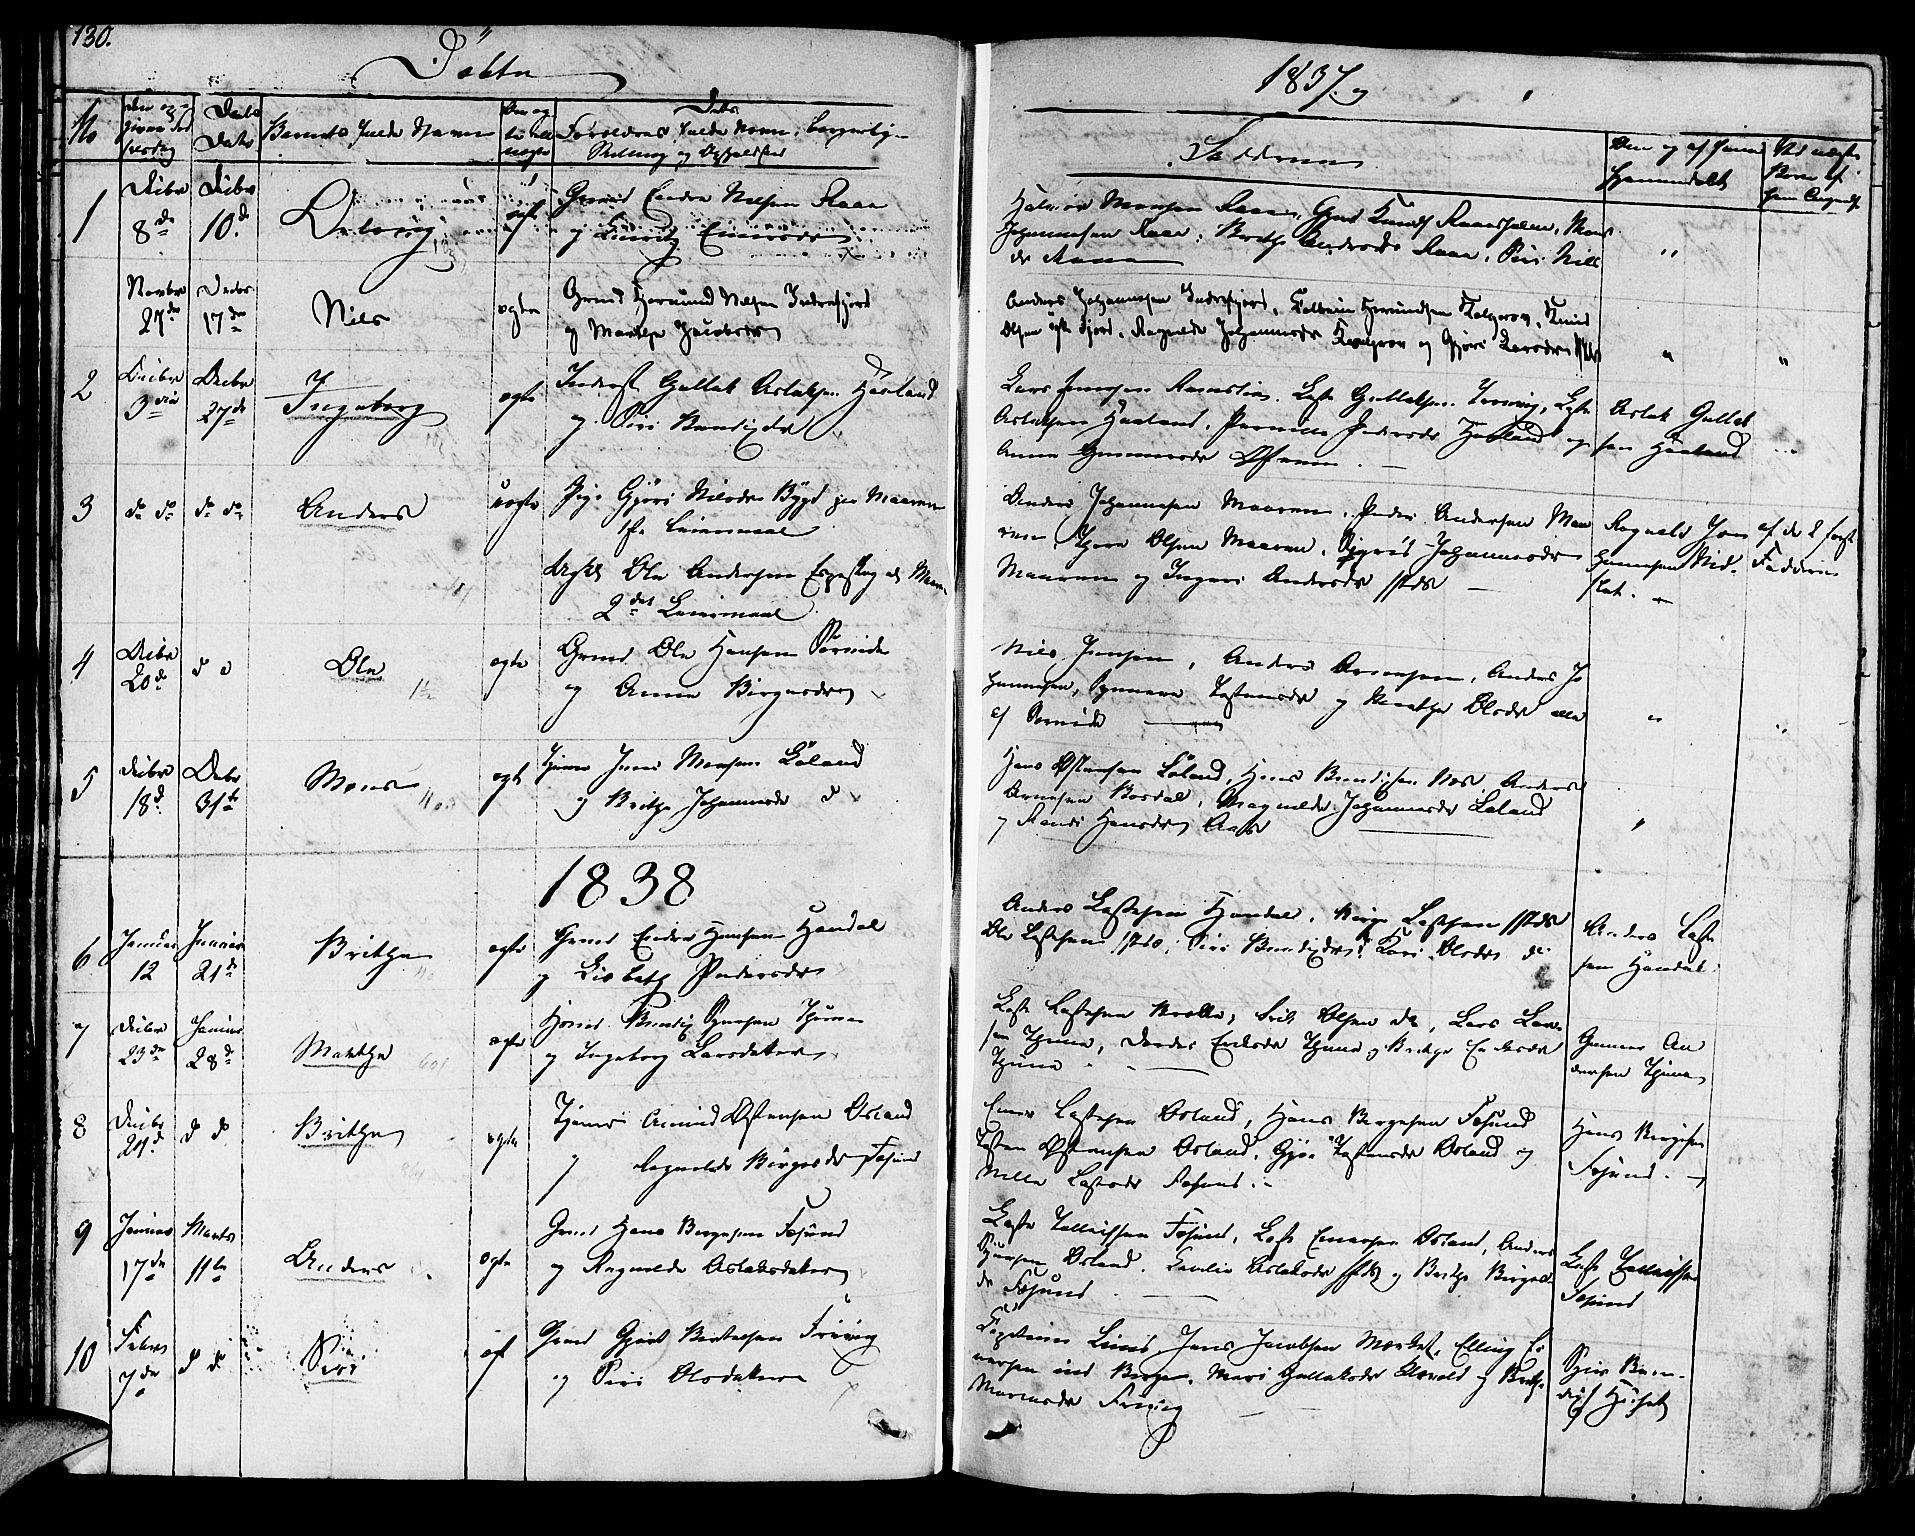 SAB, Lavik sokneprestembete, Ministerialbok nr. A 2I, 1821-1842, s. 130